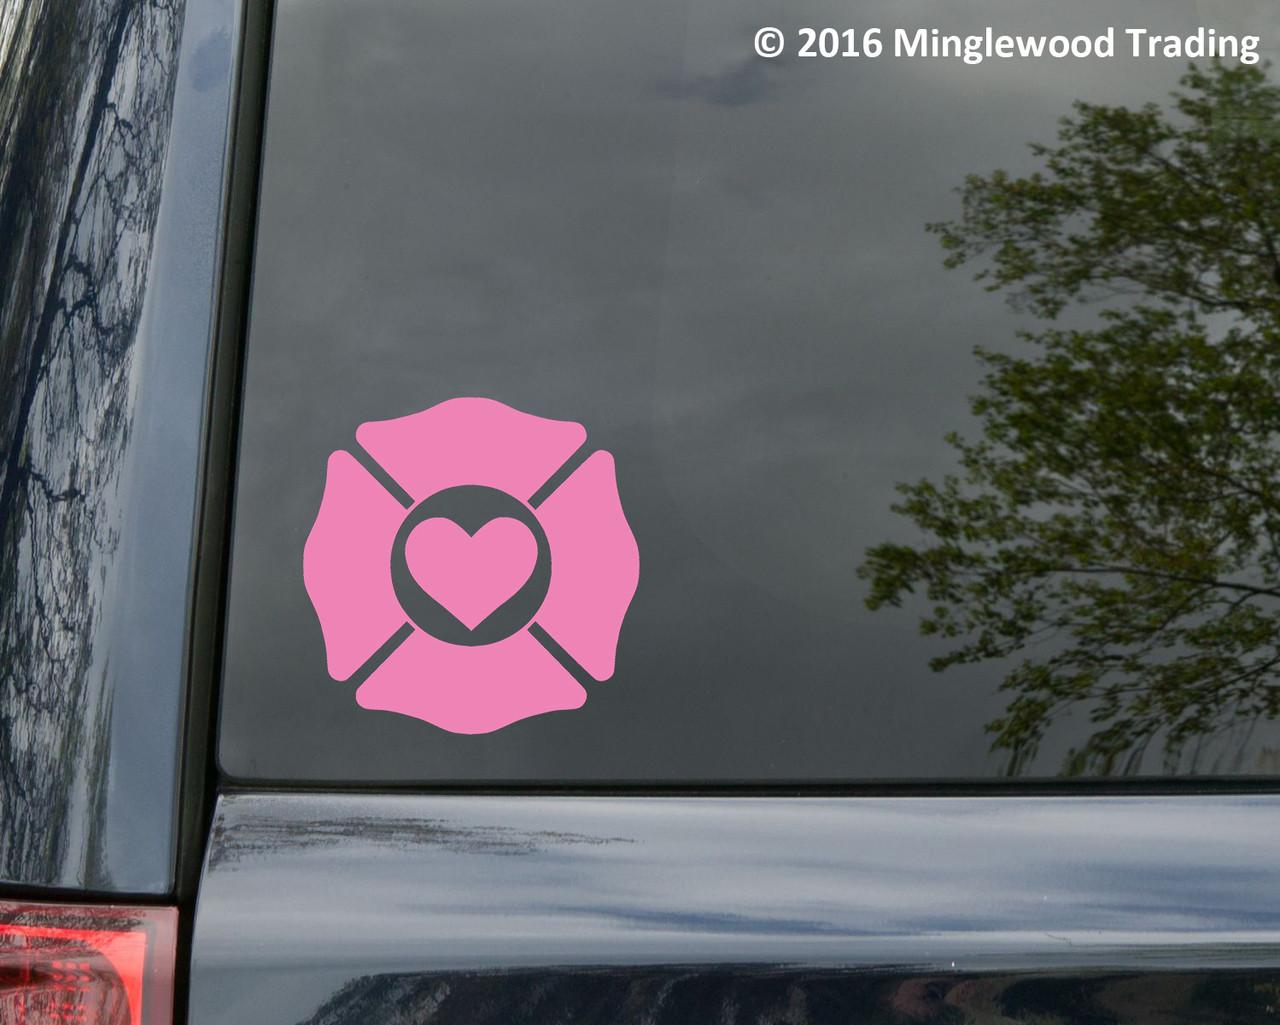 Firefighter Love Vinyl Decal - Maltese Cross Heart Fire Dept Support - Die Cut Sticker